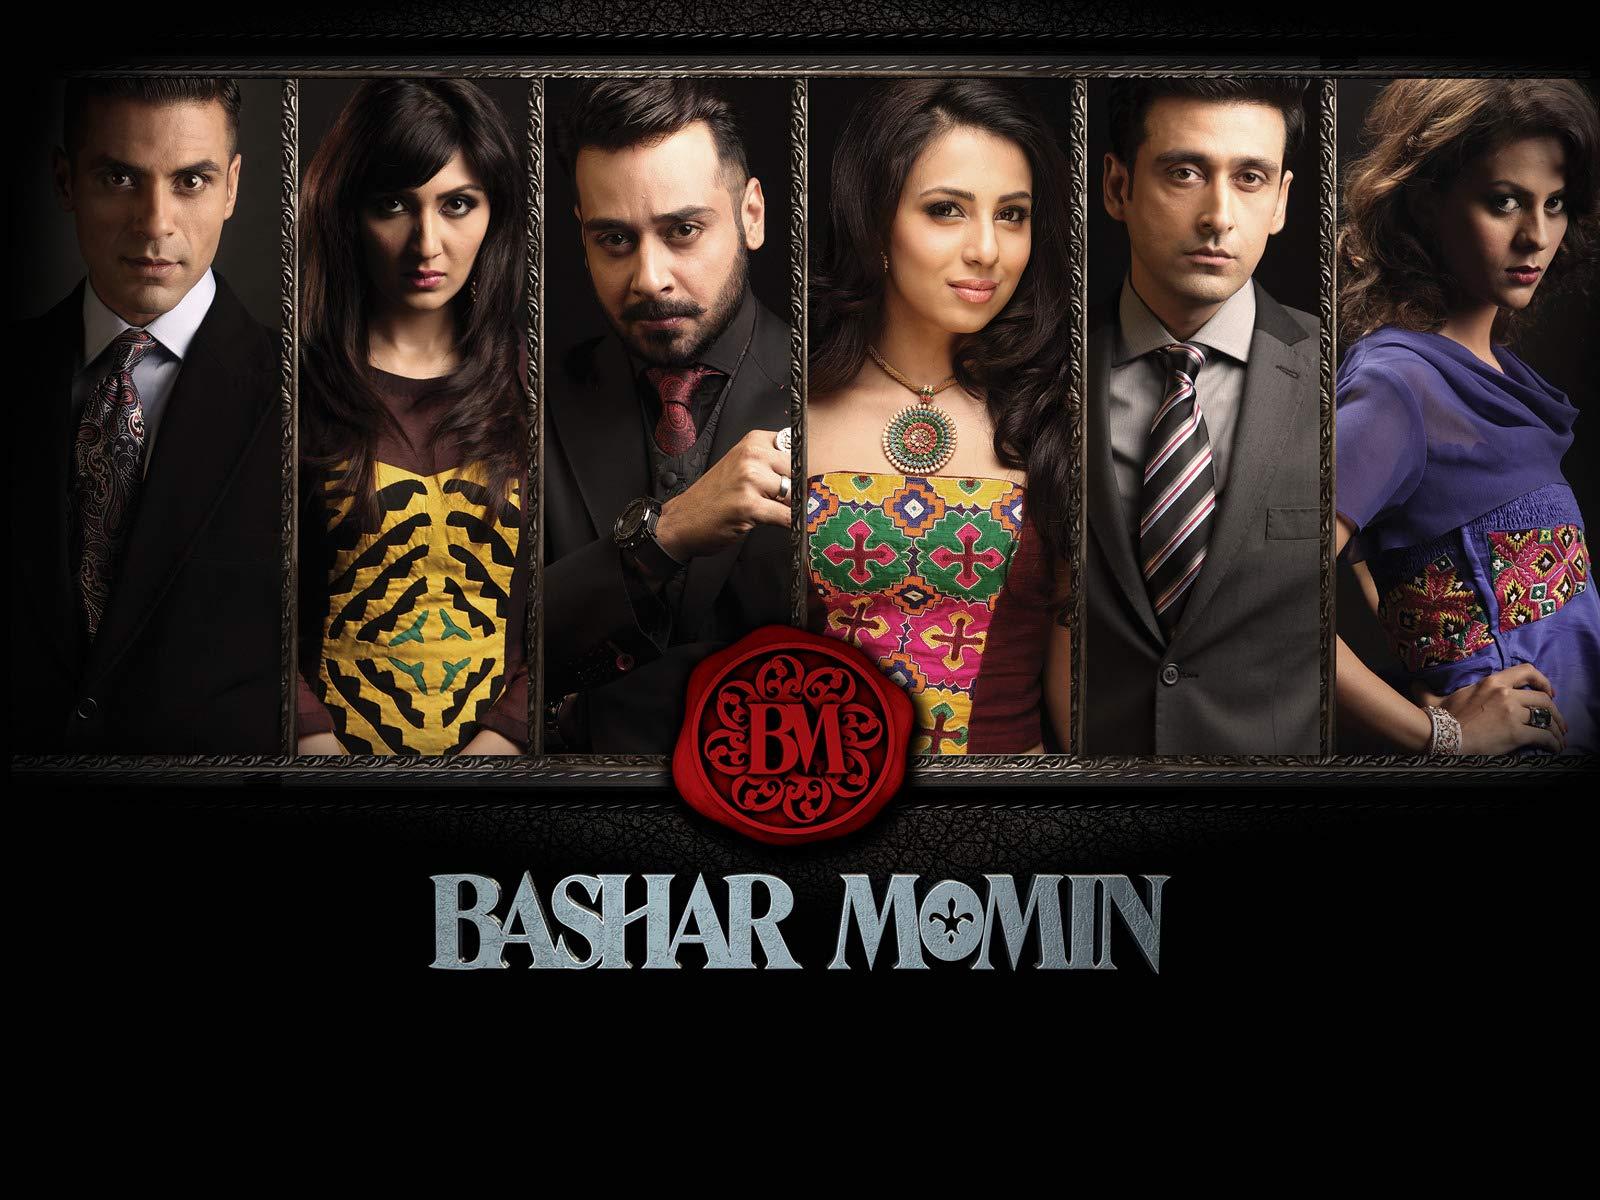 Bashir Momin